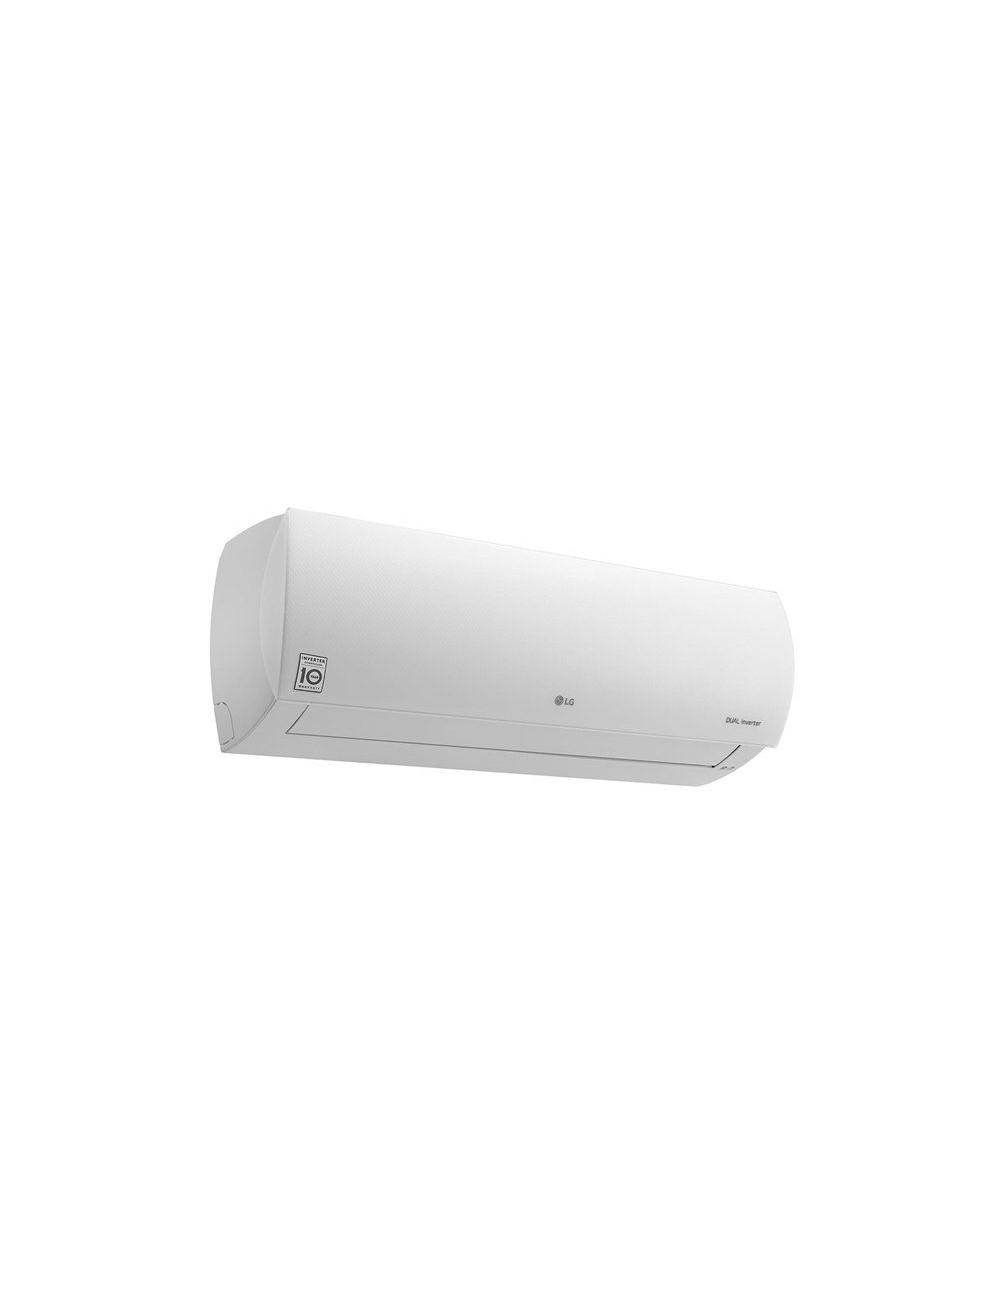 Aire acondicionado inverter LG PRIVI09WF Privilege WIFI